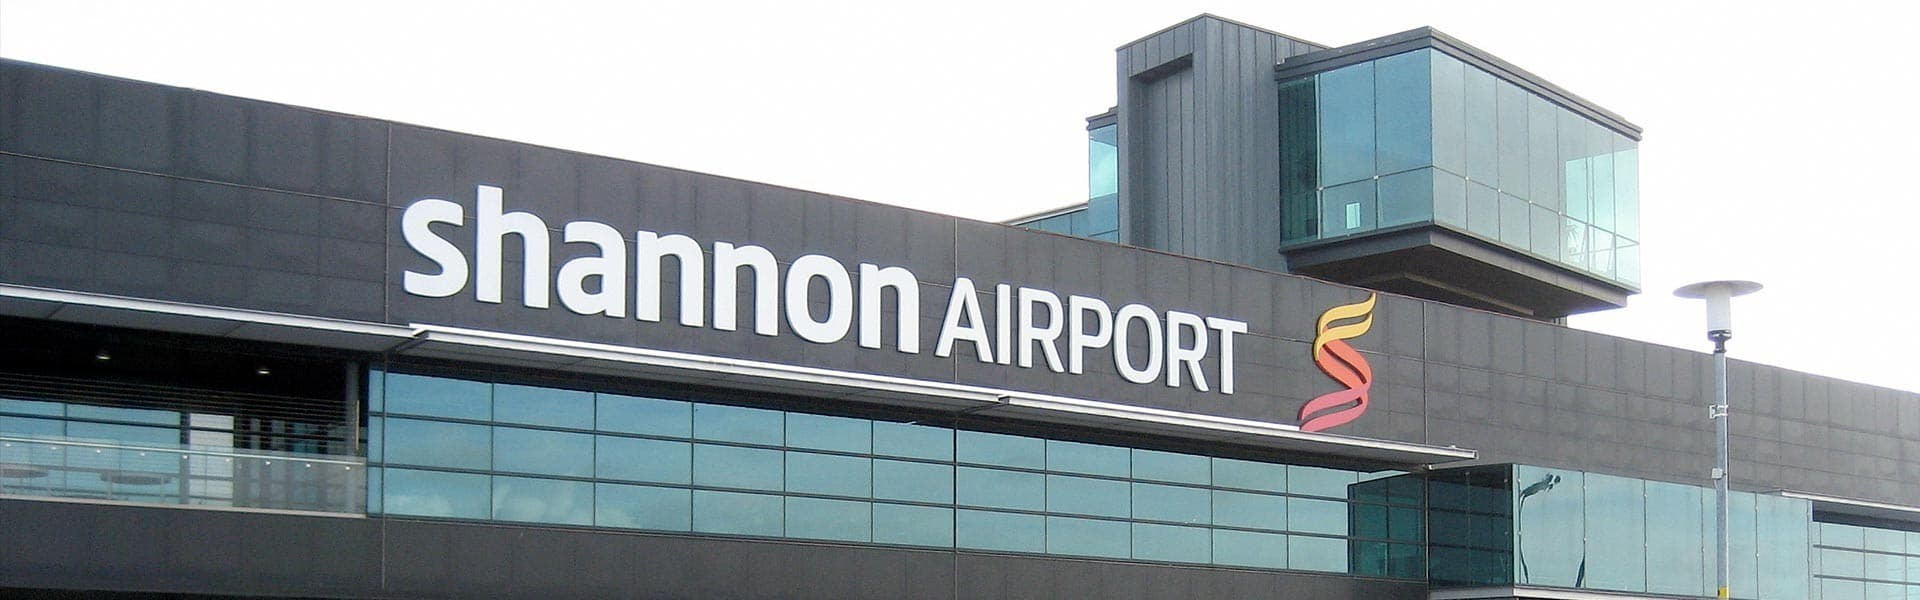 Shannon-Airport_slide-v2